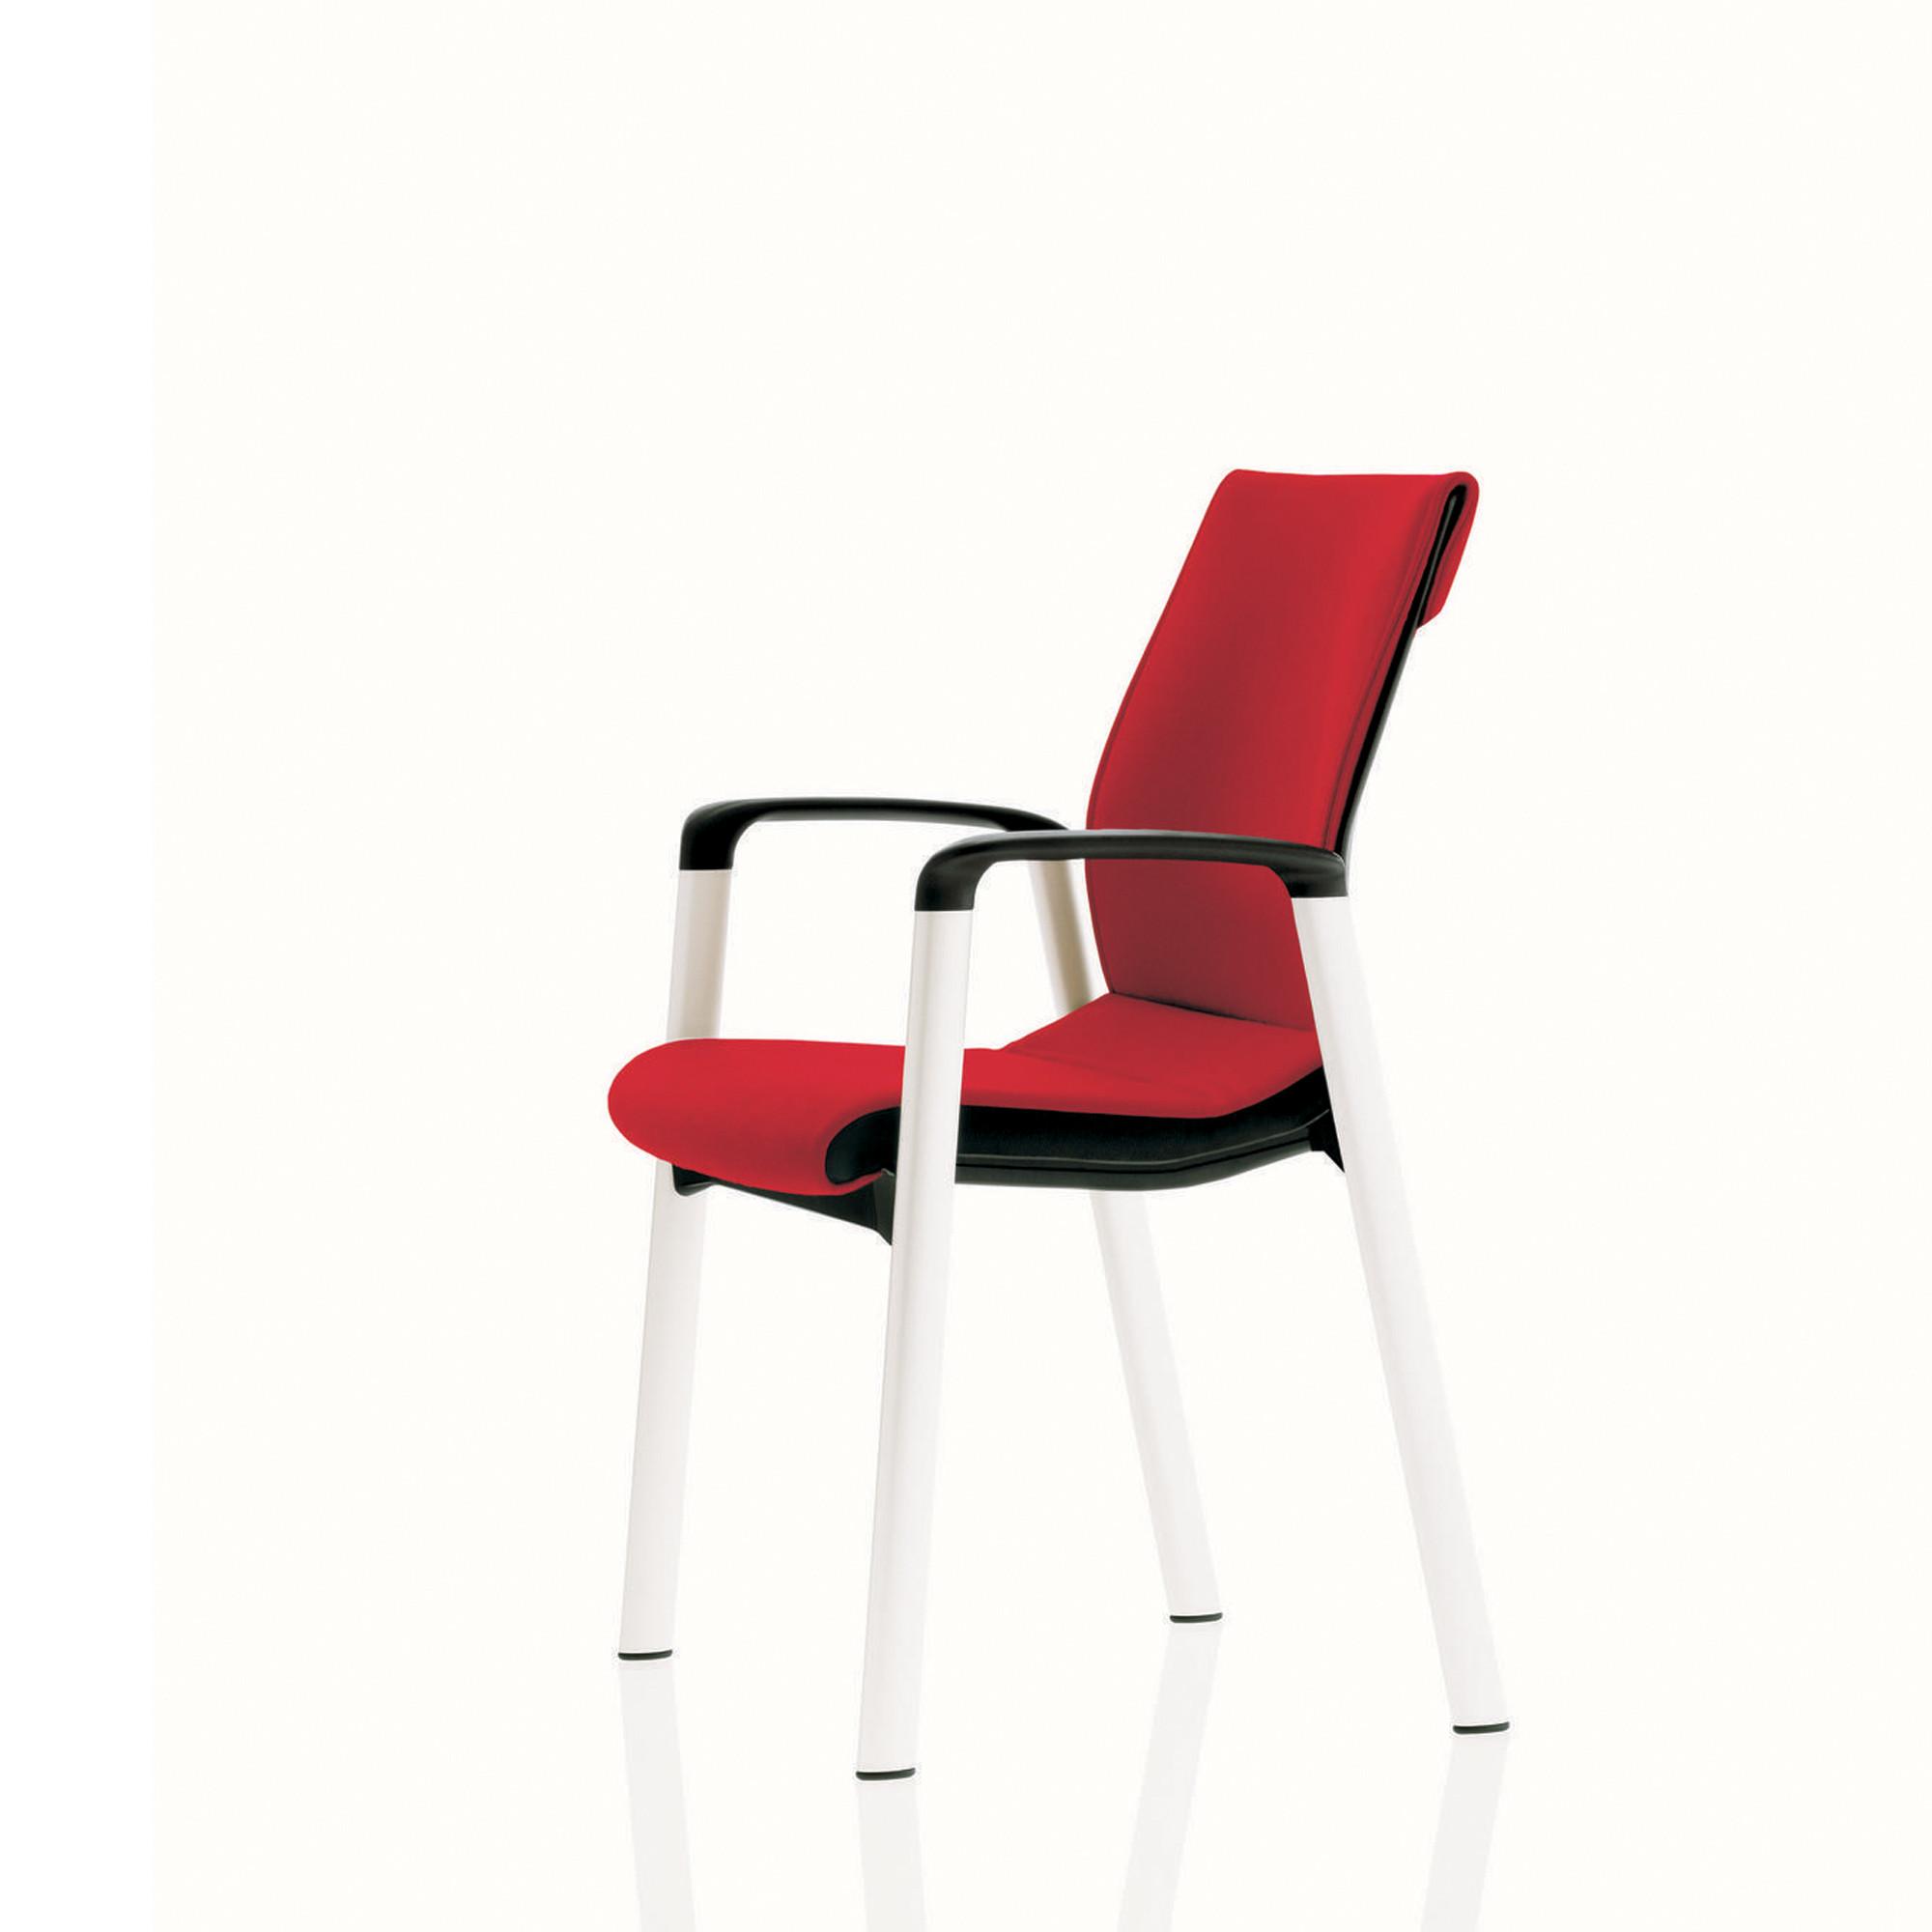 Modus Basic Four -Legged Visitor Chair